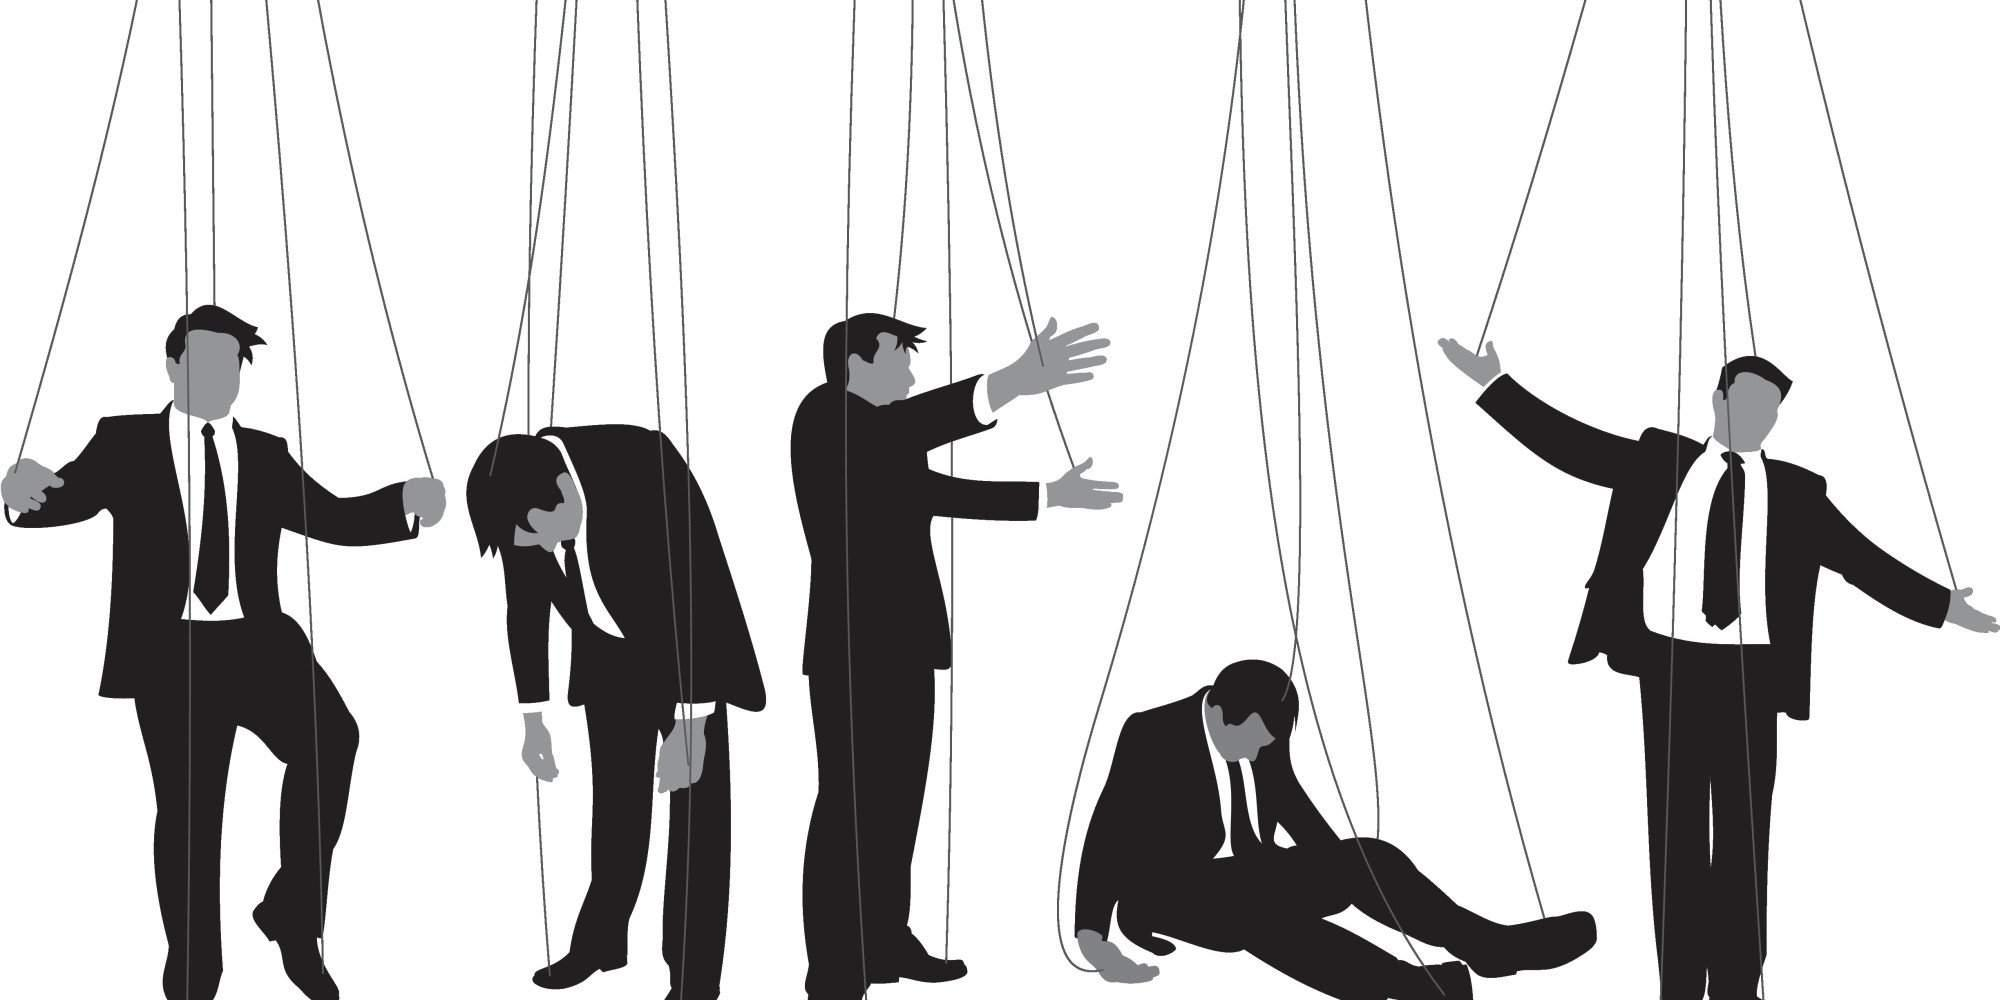 ТОП-8 уловок кипрских провайдеров обойти критерии программы «Гражданство за инвестиции»